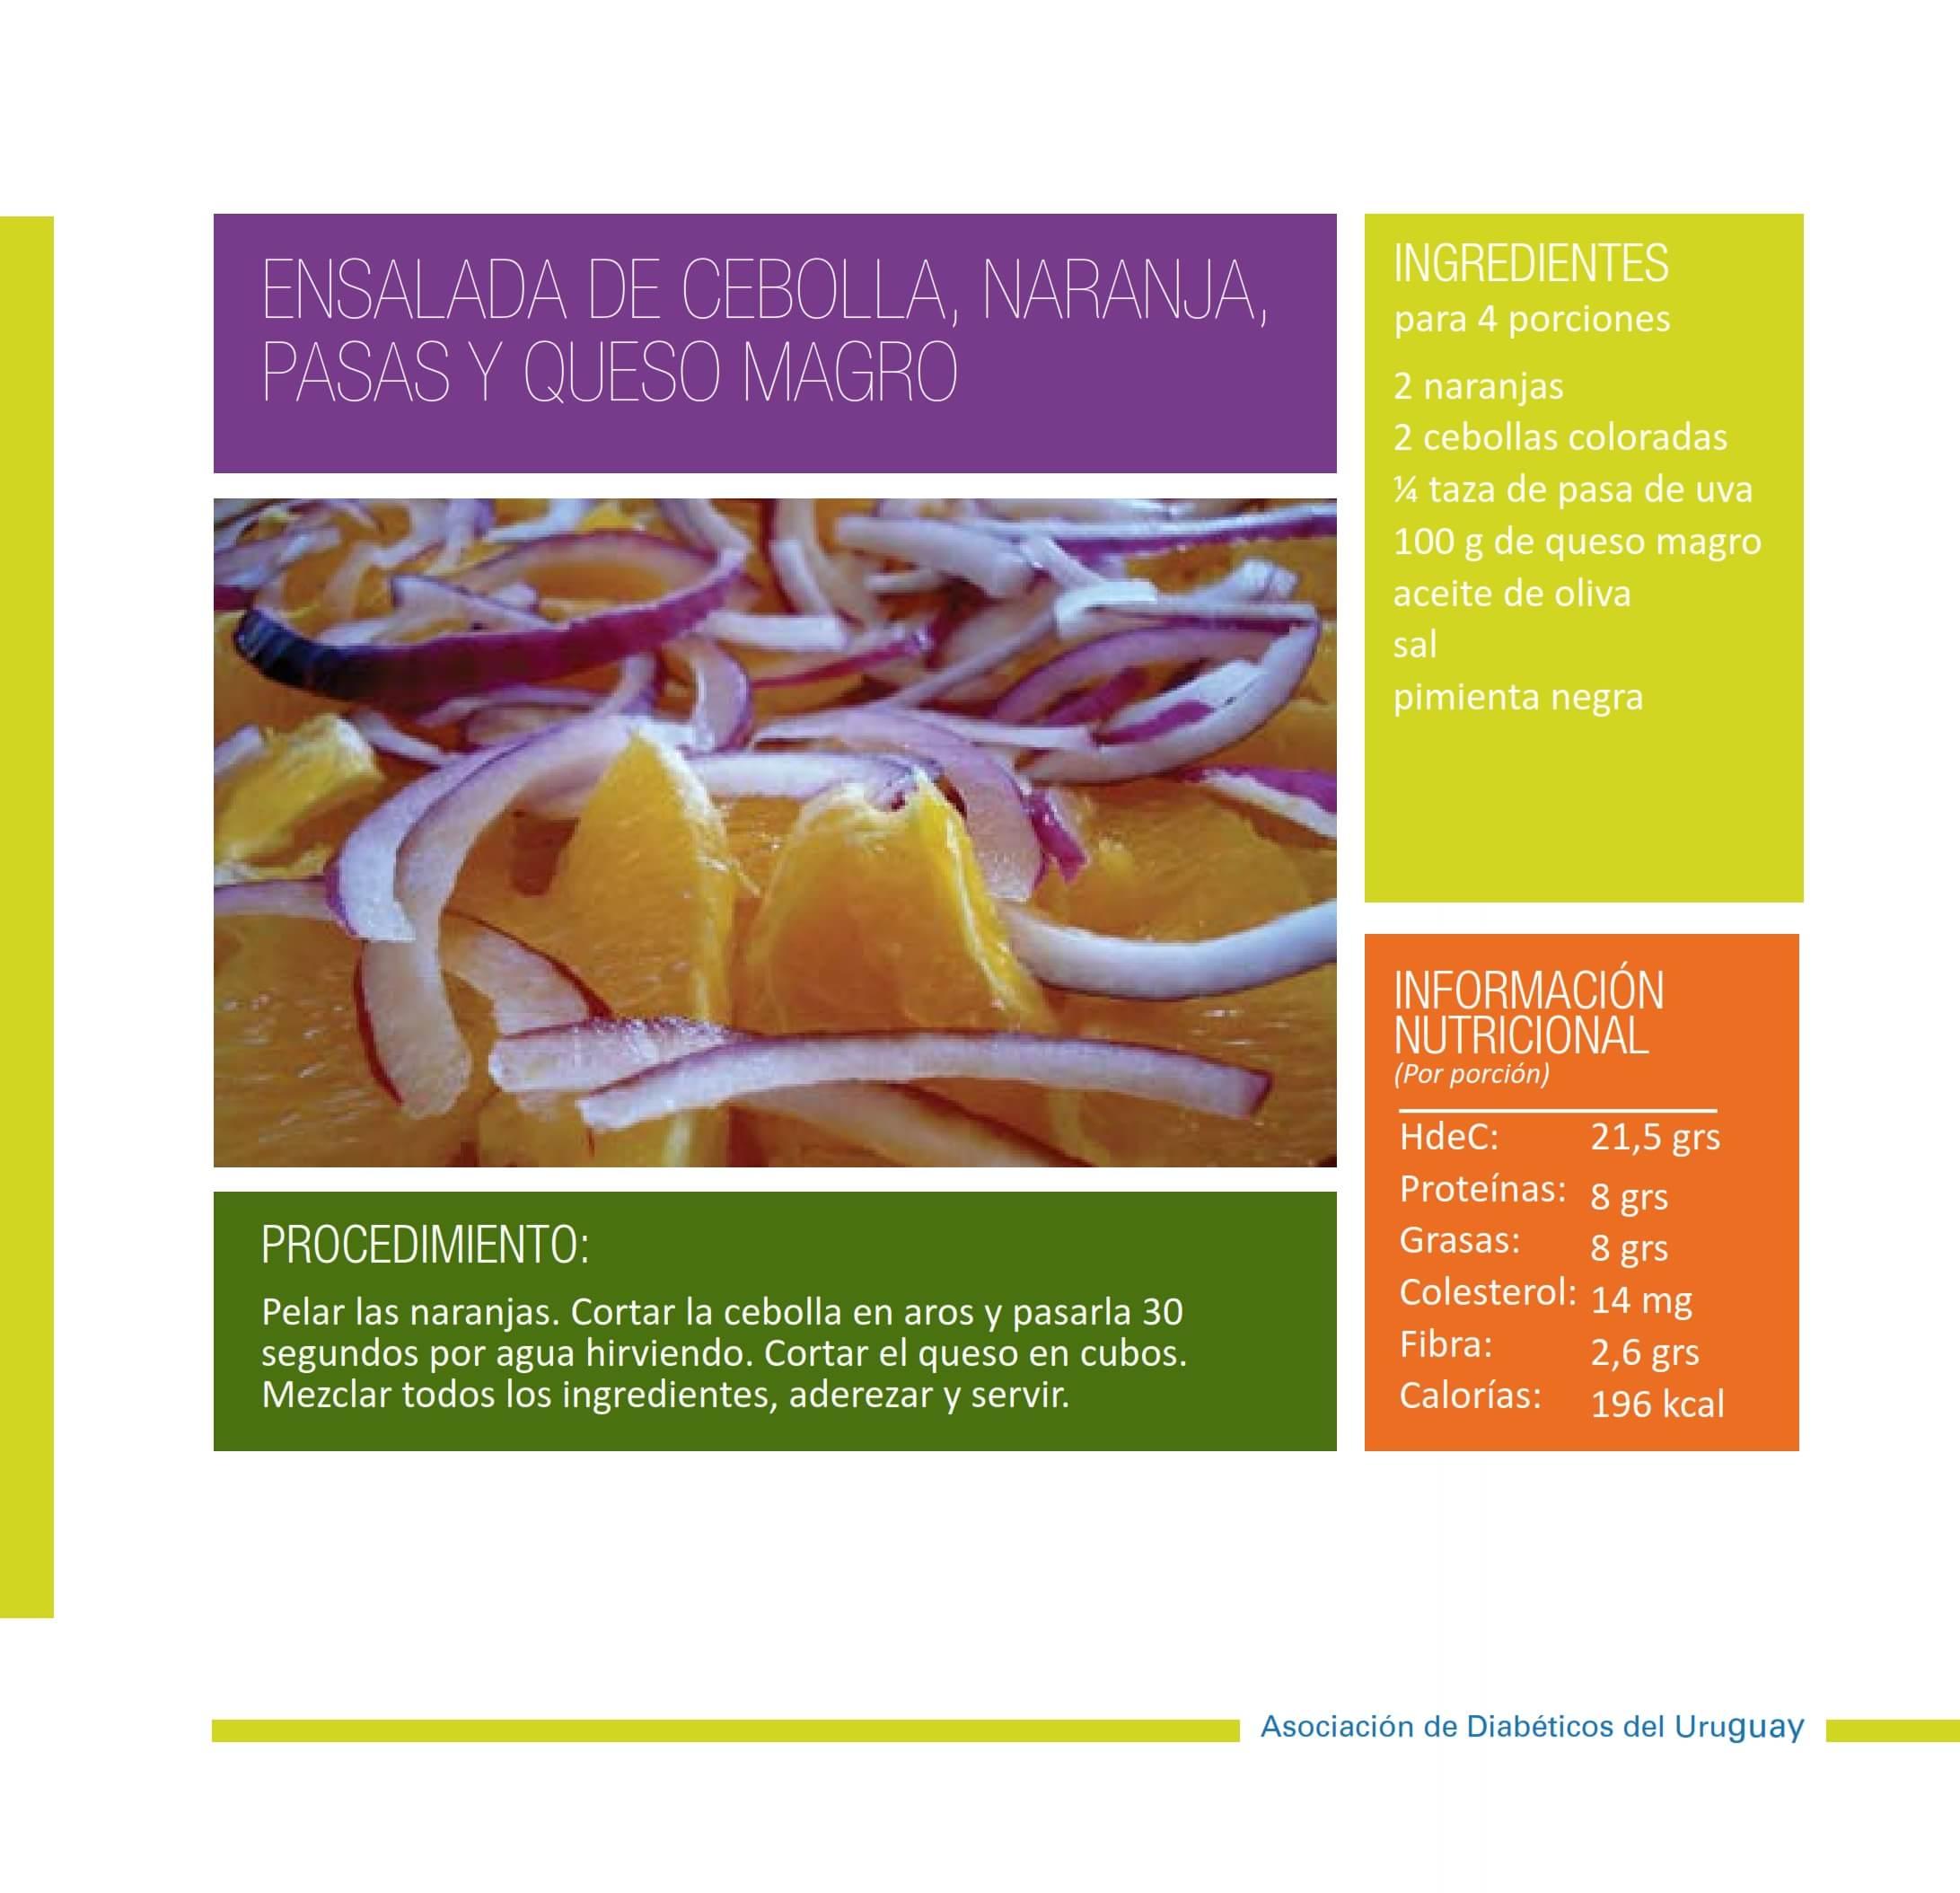 Ensalada de cebollanaranja pasas y queso magro 001-min